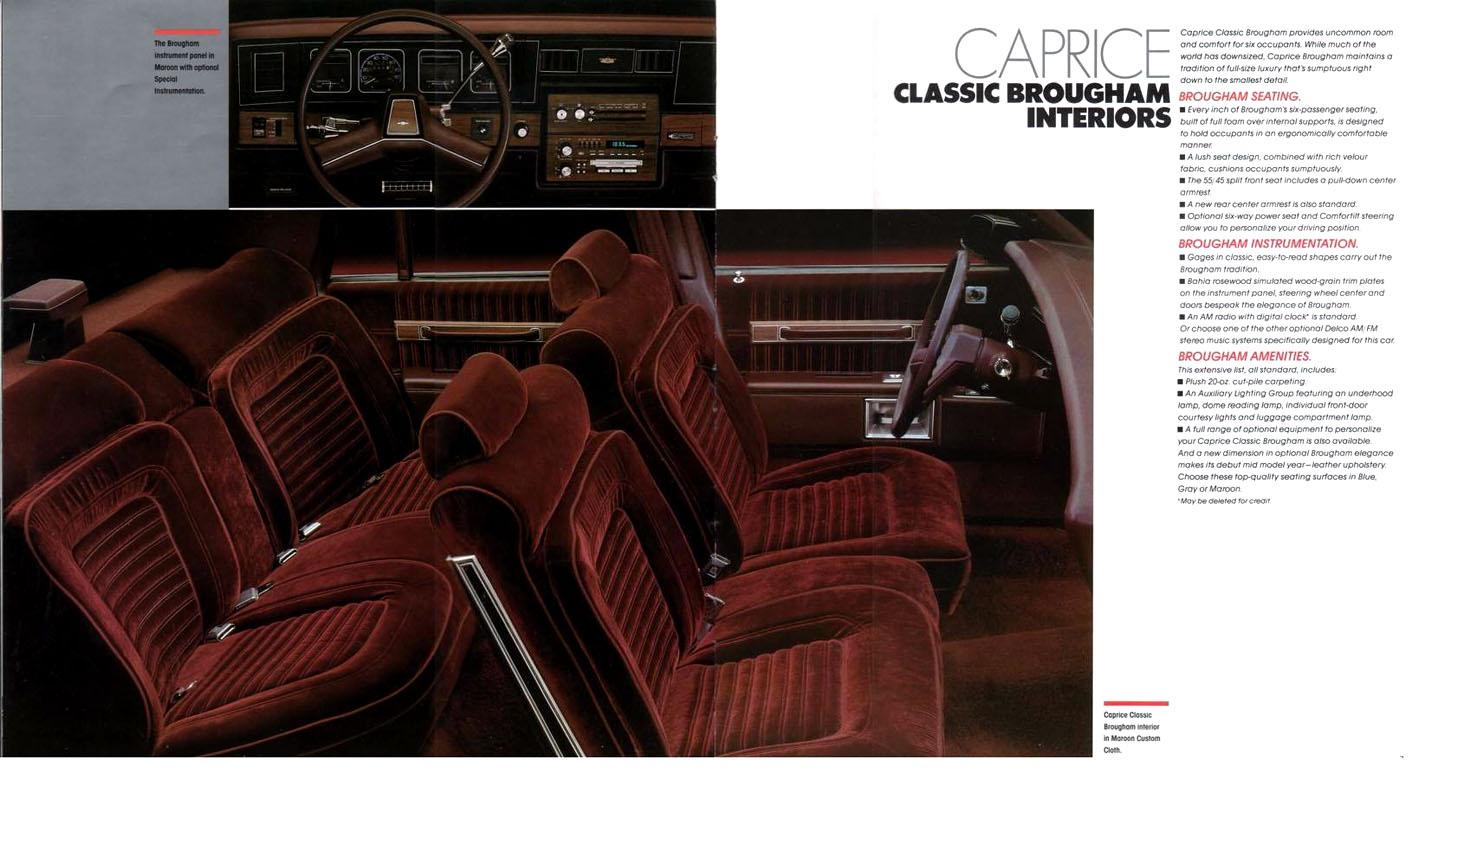 1987 Chevrolet Caprice  Pictures  CarGurus